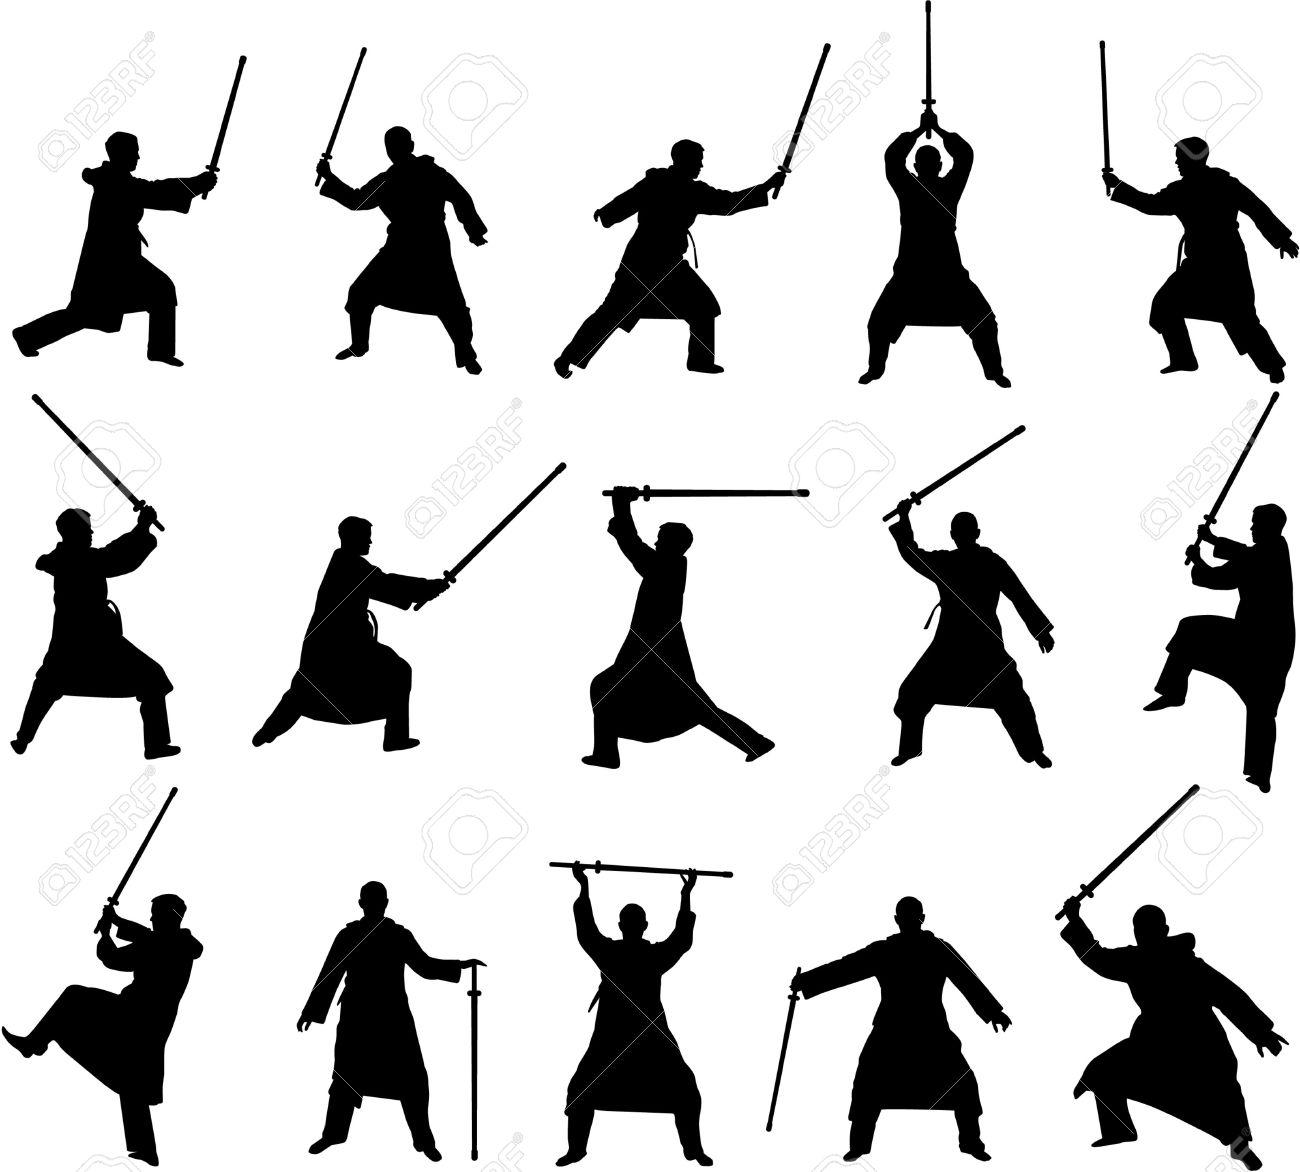 Swordsman silhouette clipart.